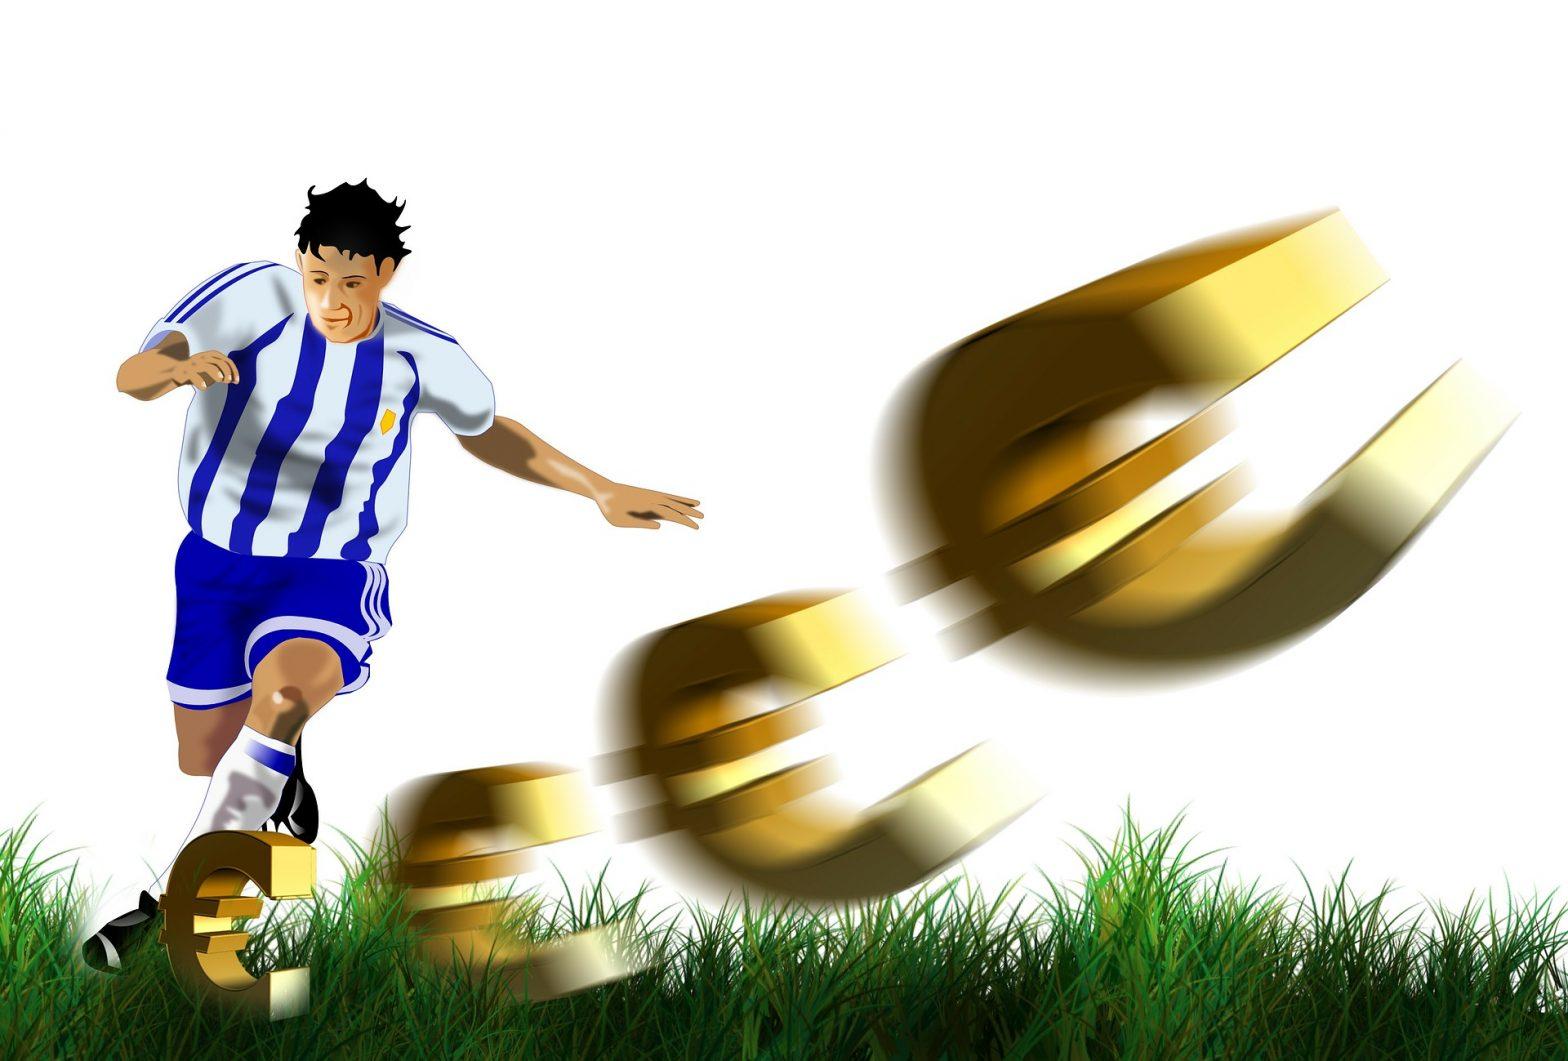 https://pixabay.com/de/fussball-sport-geld-wert-spieler-142952/